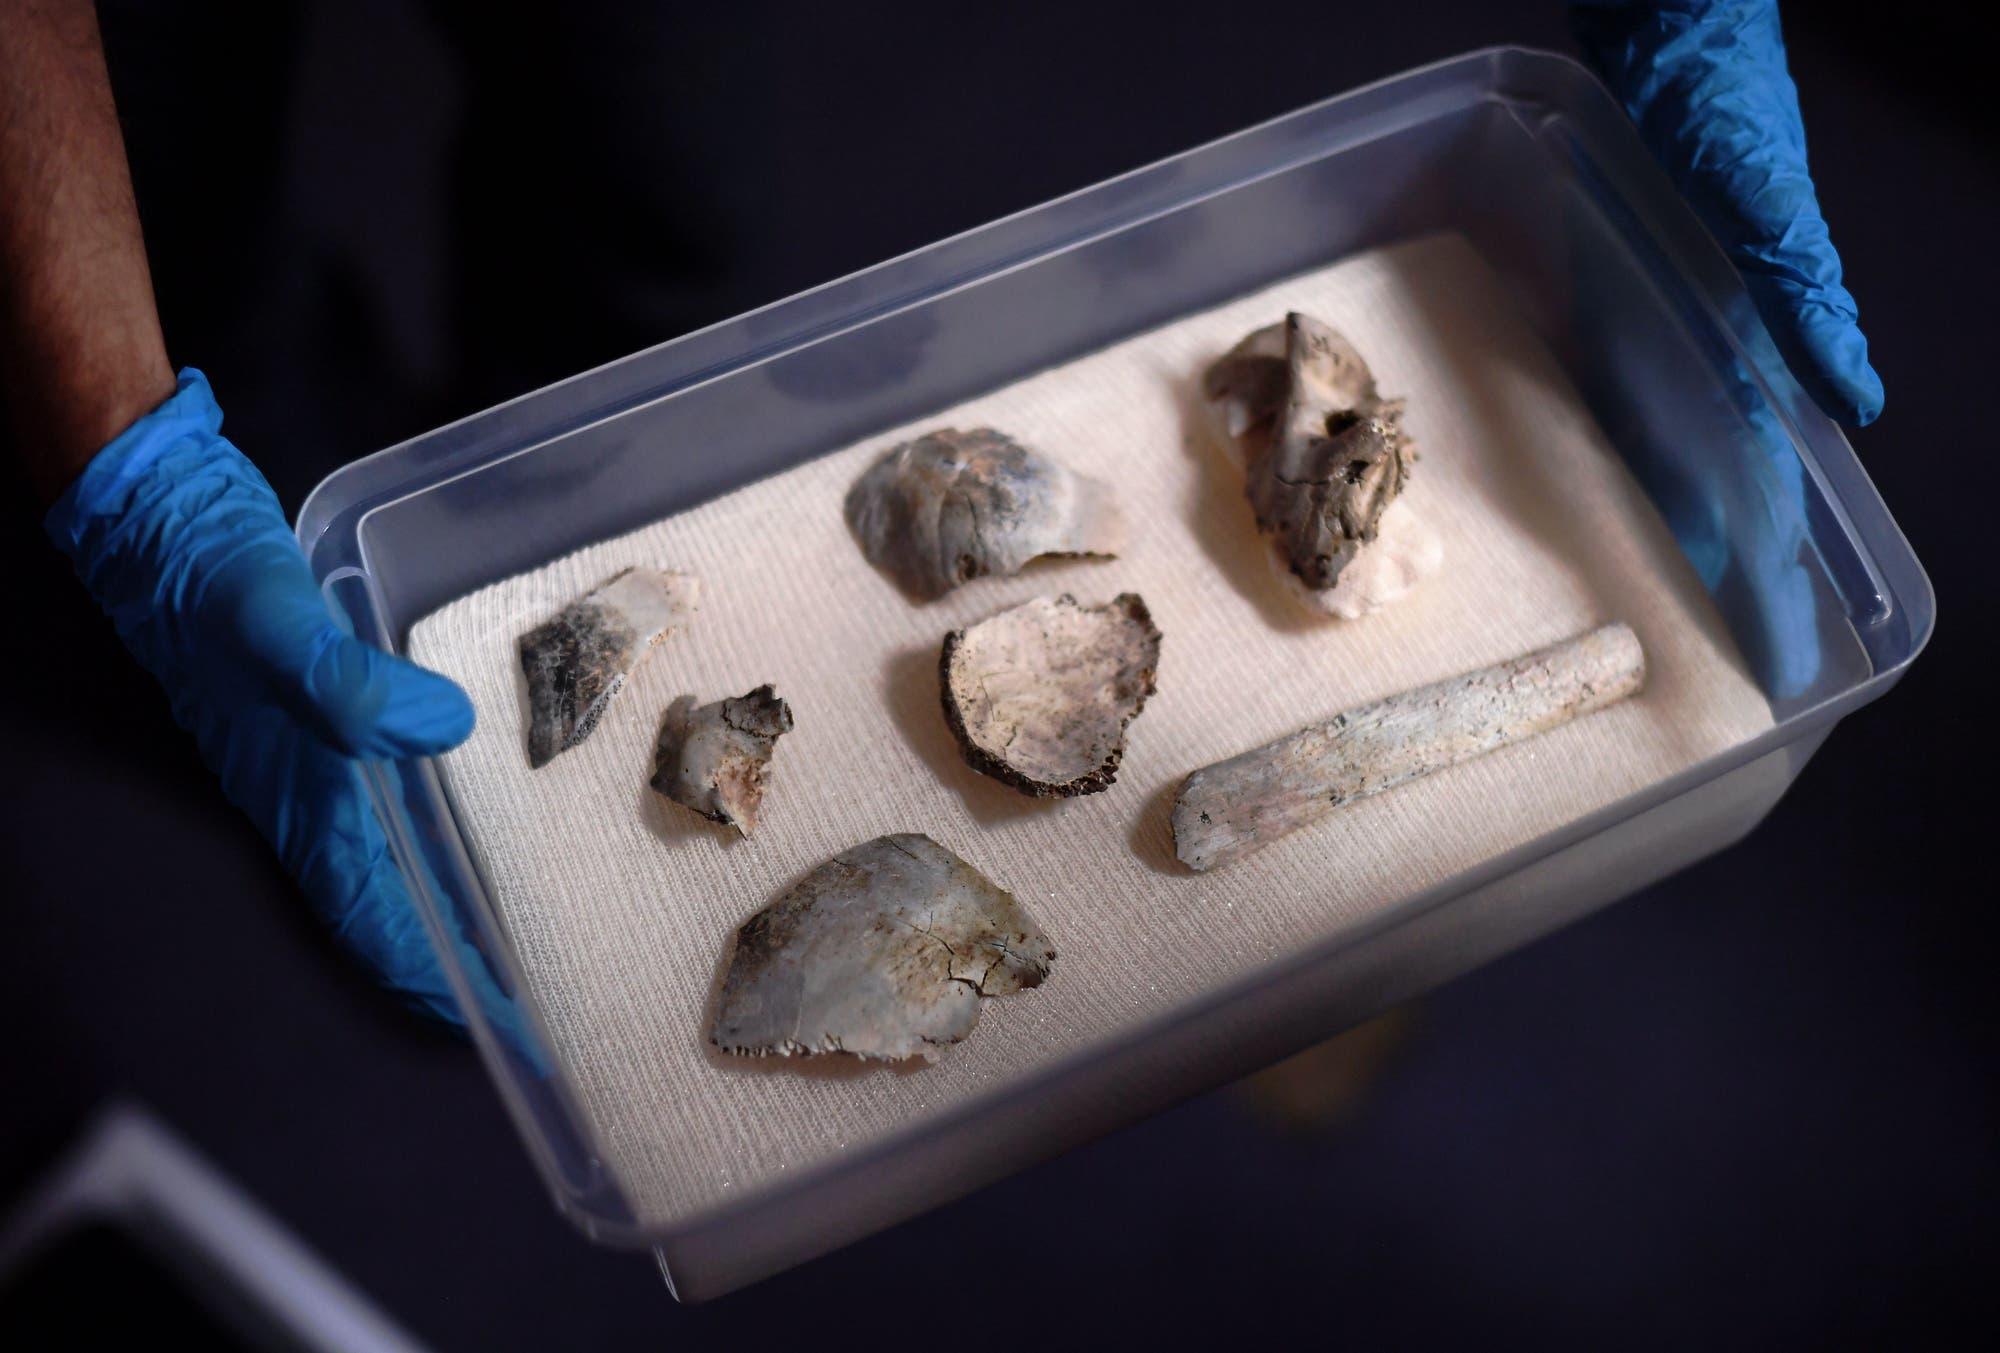 Die fossilen Überreste einer jungen Frau, die vor mehr als 11 000 Jahren in Südamerika lebte, galten nach dem Brand im Nationalmuseum von Rio de Janeiro im September 2018 zunächst als verschollen. Laut Medienberichten lagerten sie während des Brands jedoch in einem Metallschrank und haben das Feuer einigermaßen unversehrt überstanden.